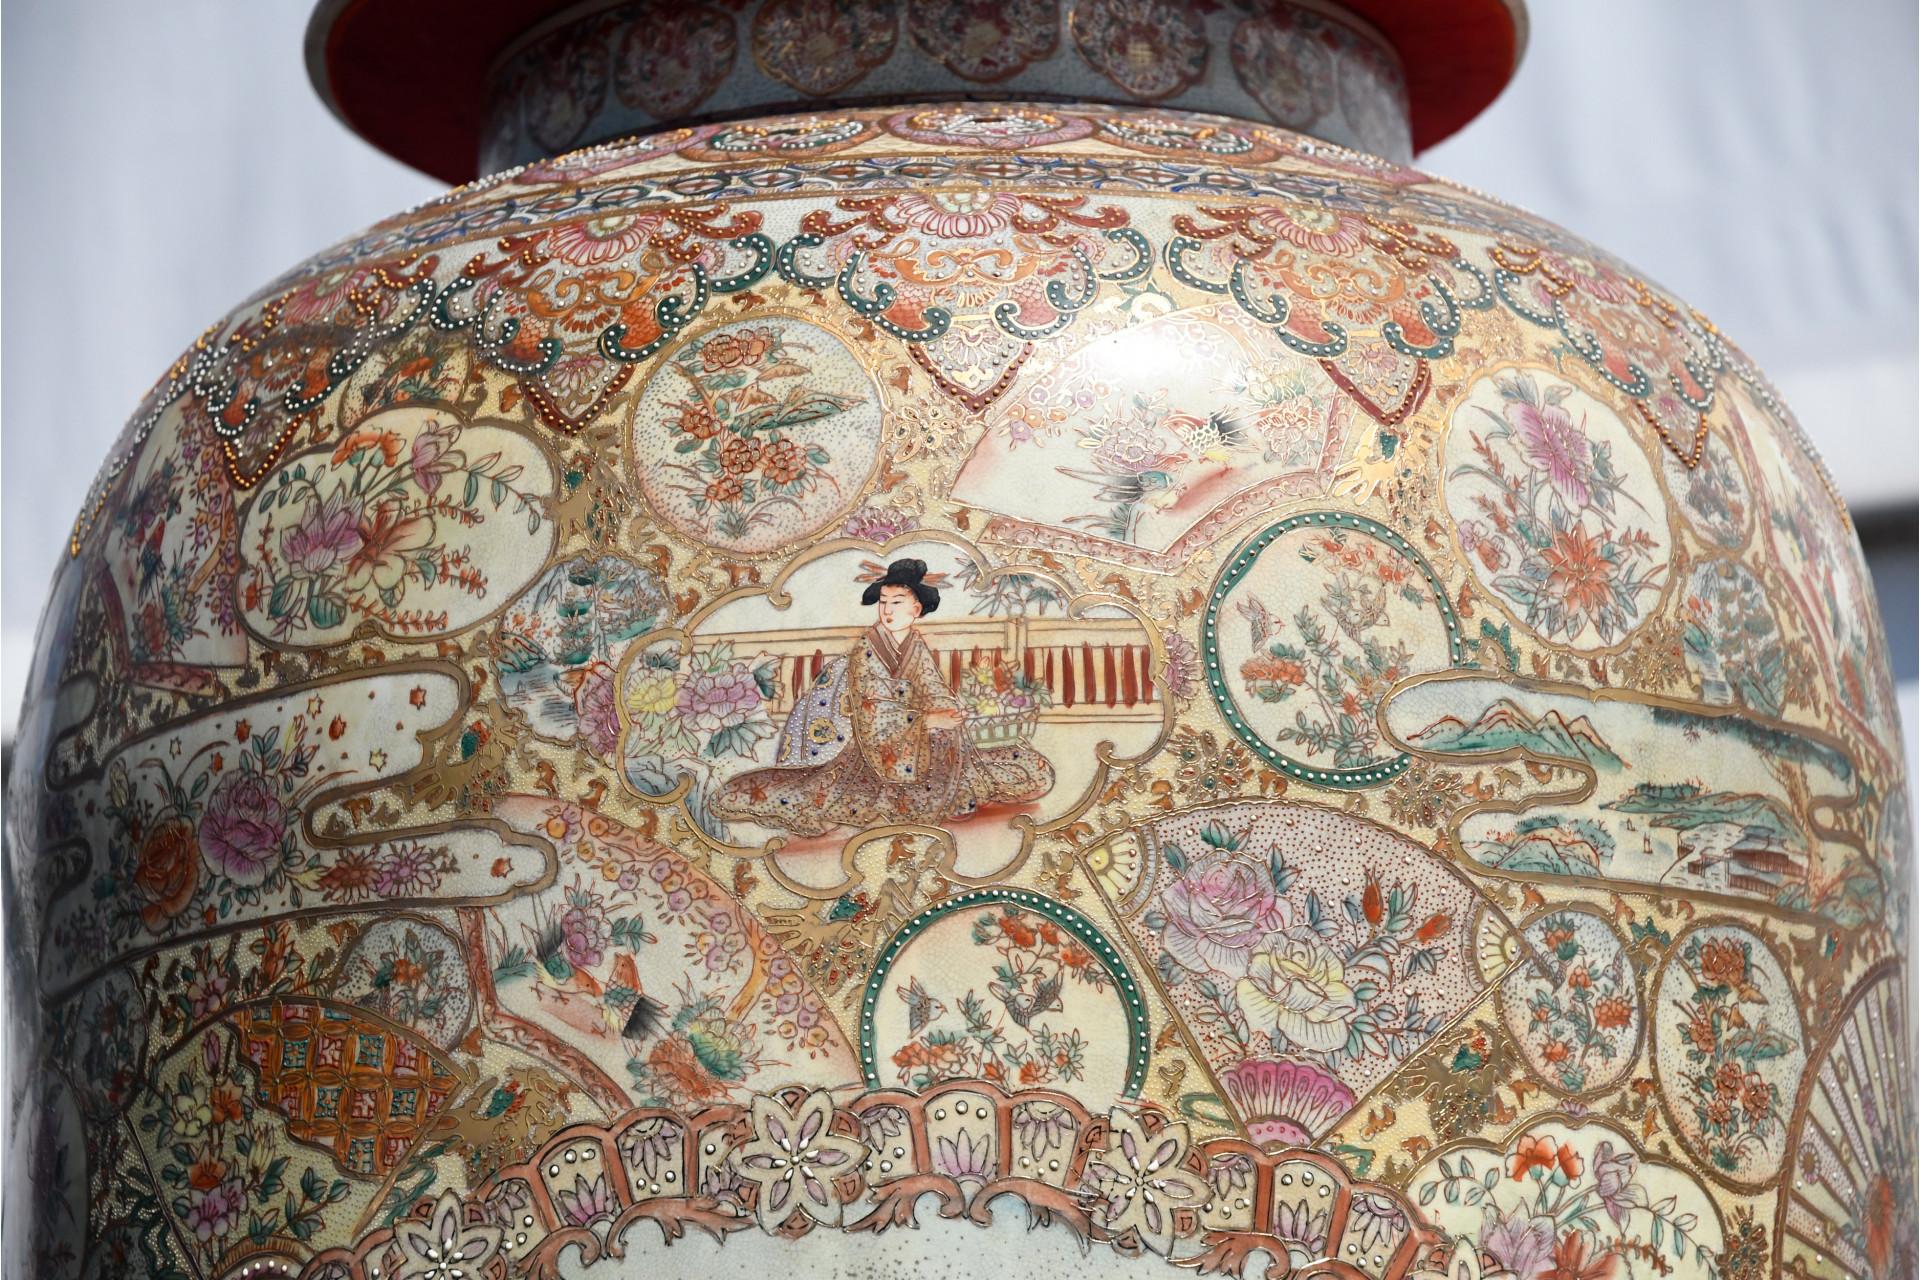 9ft porcelain temple jar